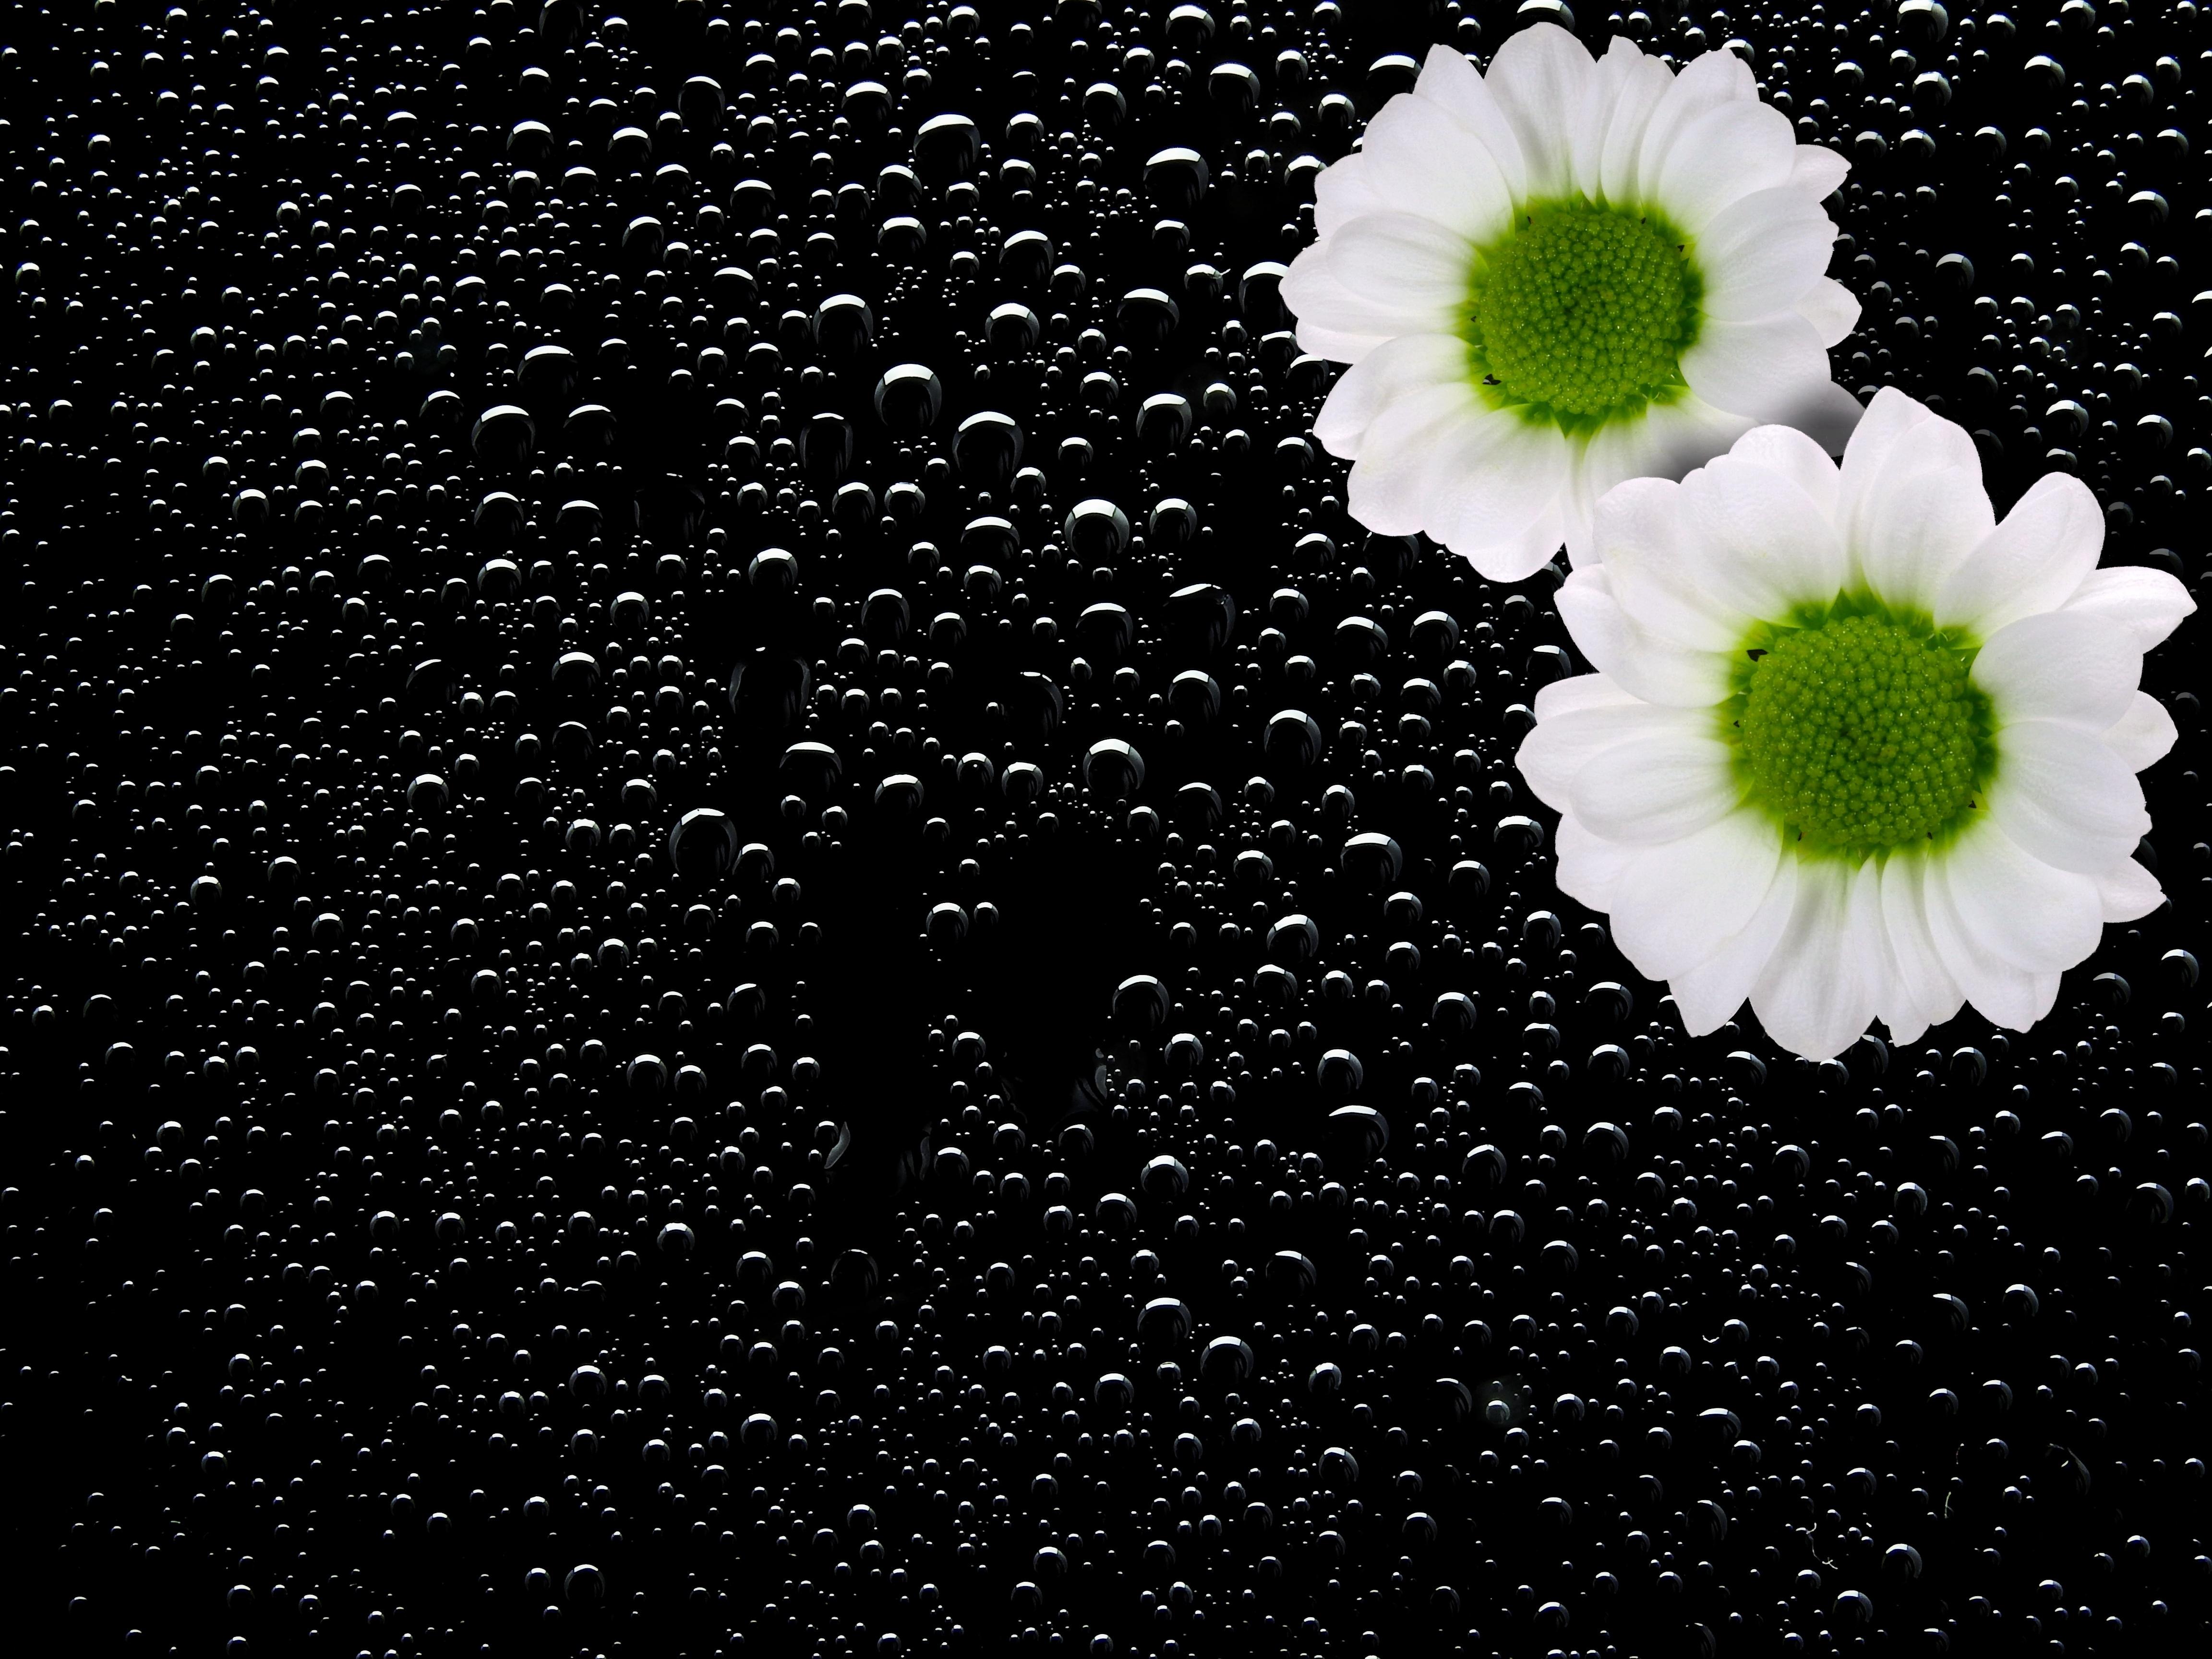 hình ảnh : thiên nhiên, đen và trắng, thực vật, nhiếp ảnh, Cánh hoa, ướt, mùa hè, Mùa xuân, màu xanh lá, Đơn sắc, Hệ thực vật, bản đồ, Nhỏ giọt, hình ...